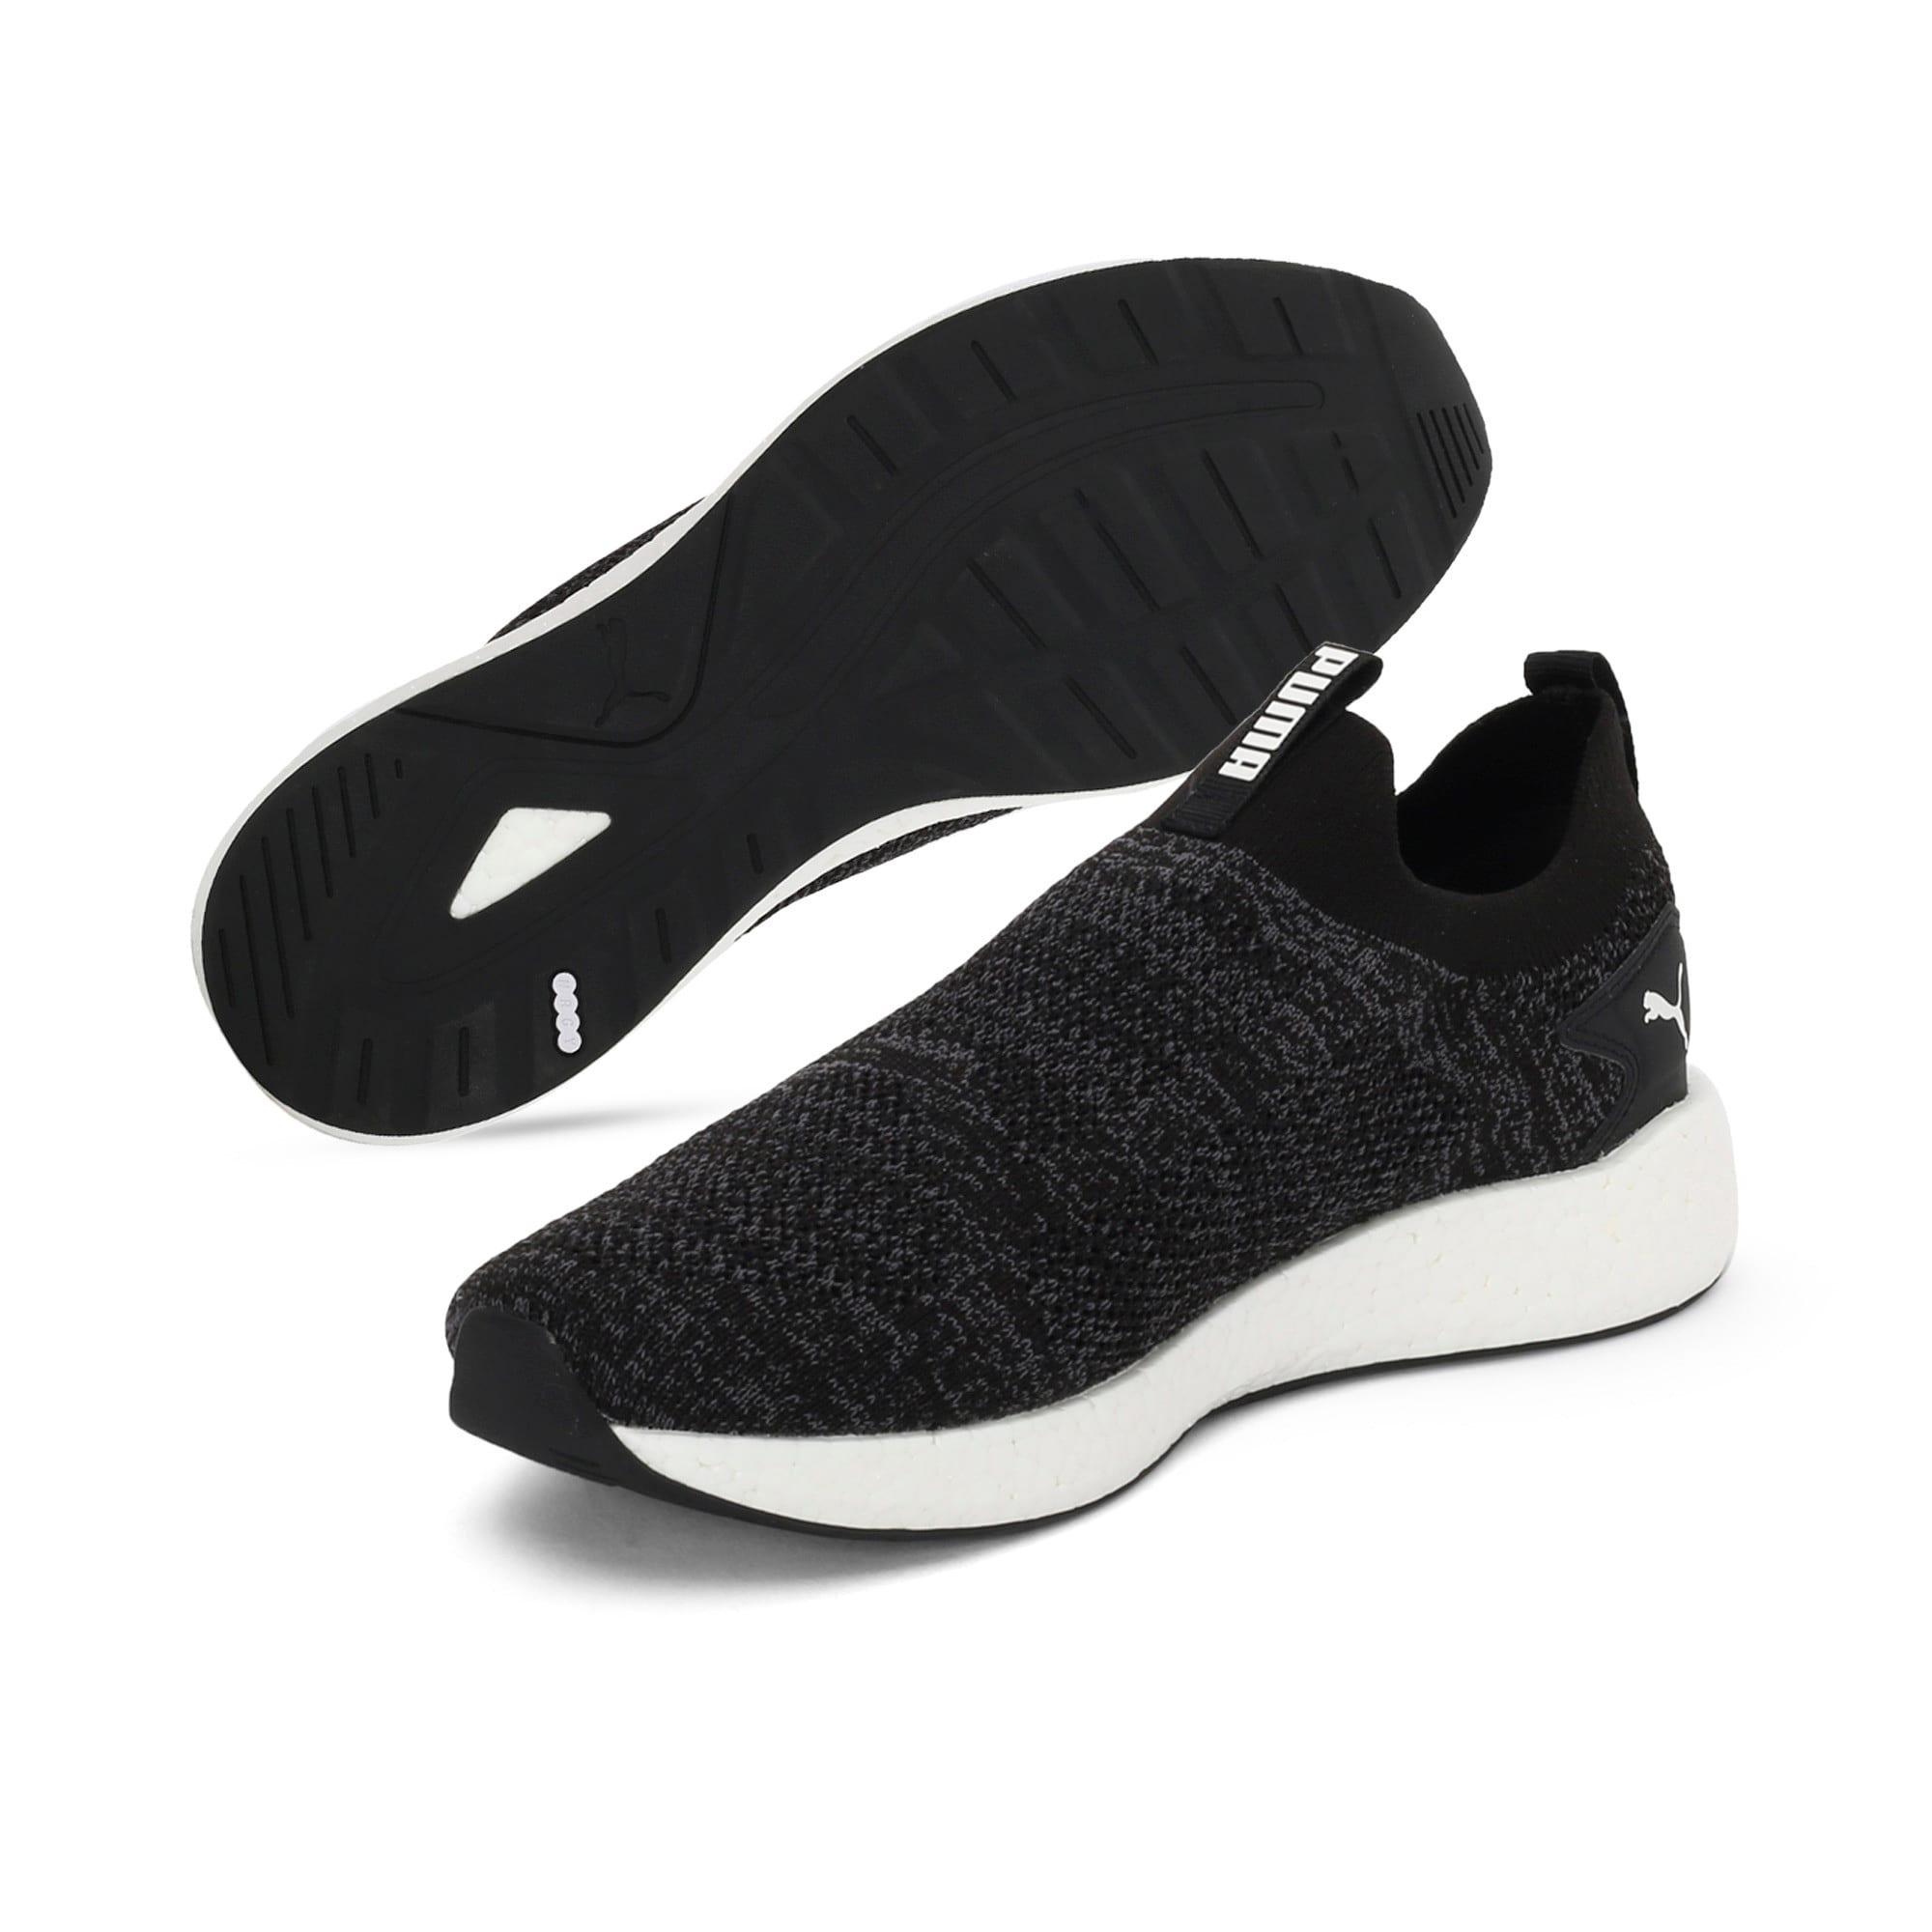 Thumbnail 2 of NRGY Neko Slip-On one8 Unisex Running Shoes, Puma Black-Puma White, medium-IND